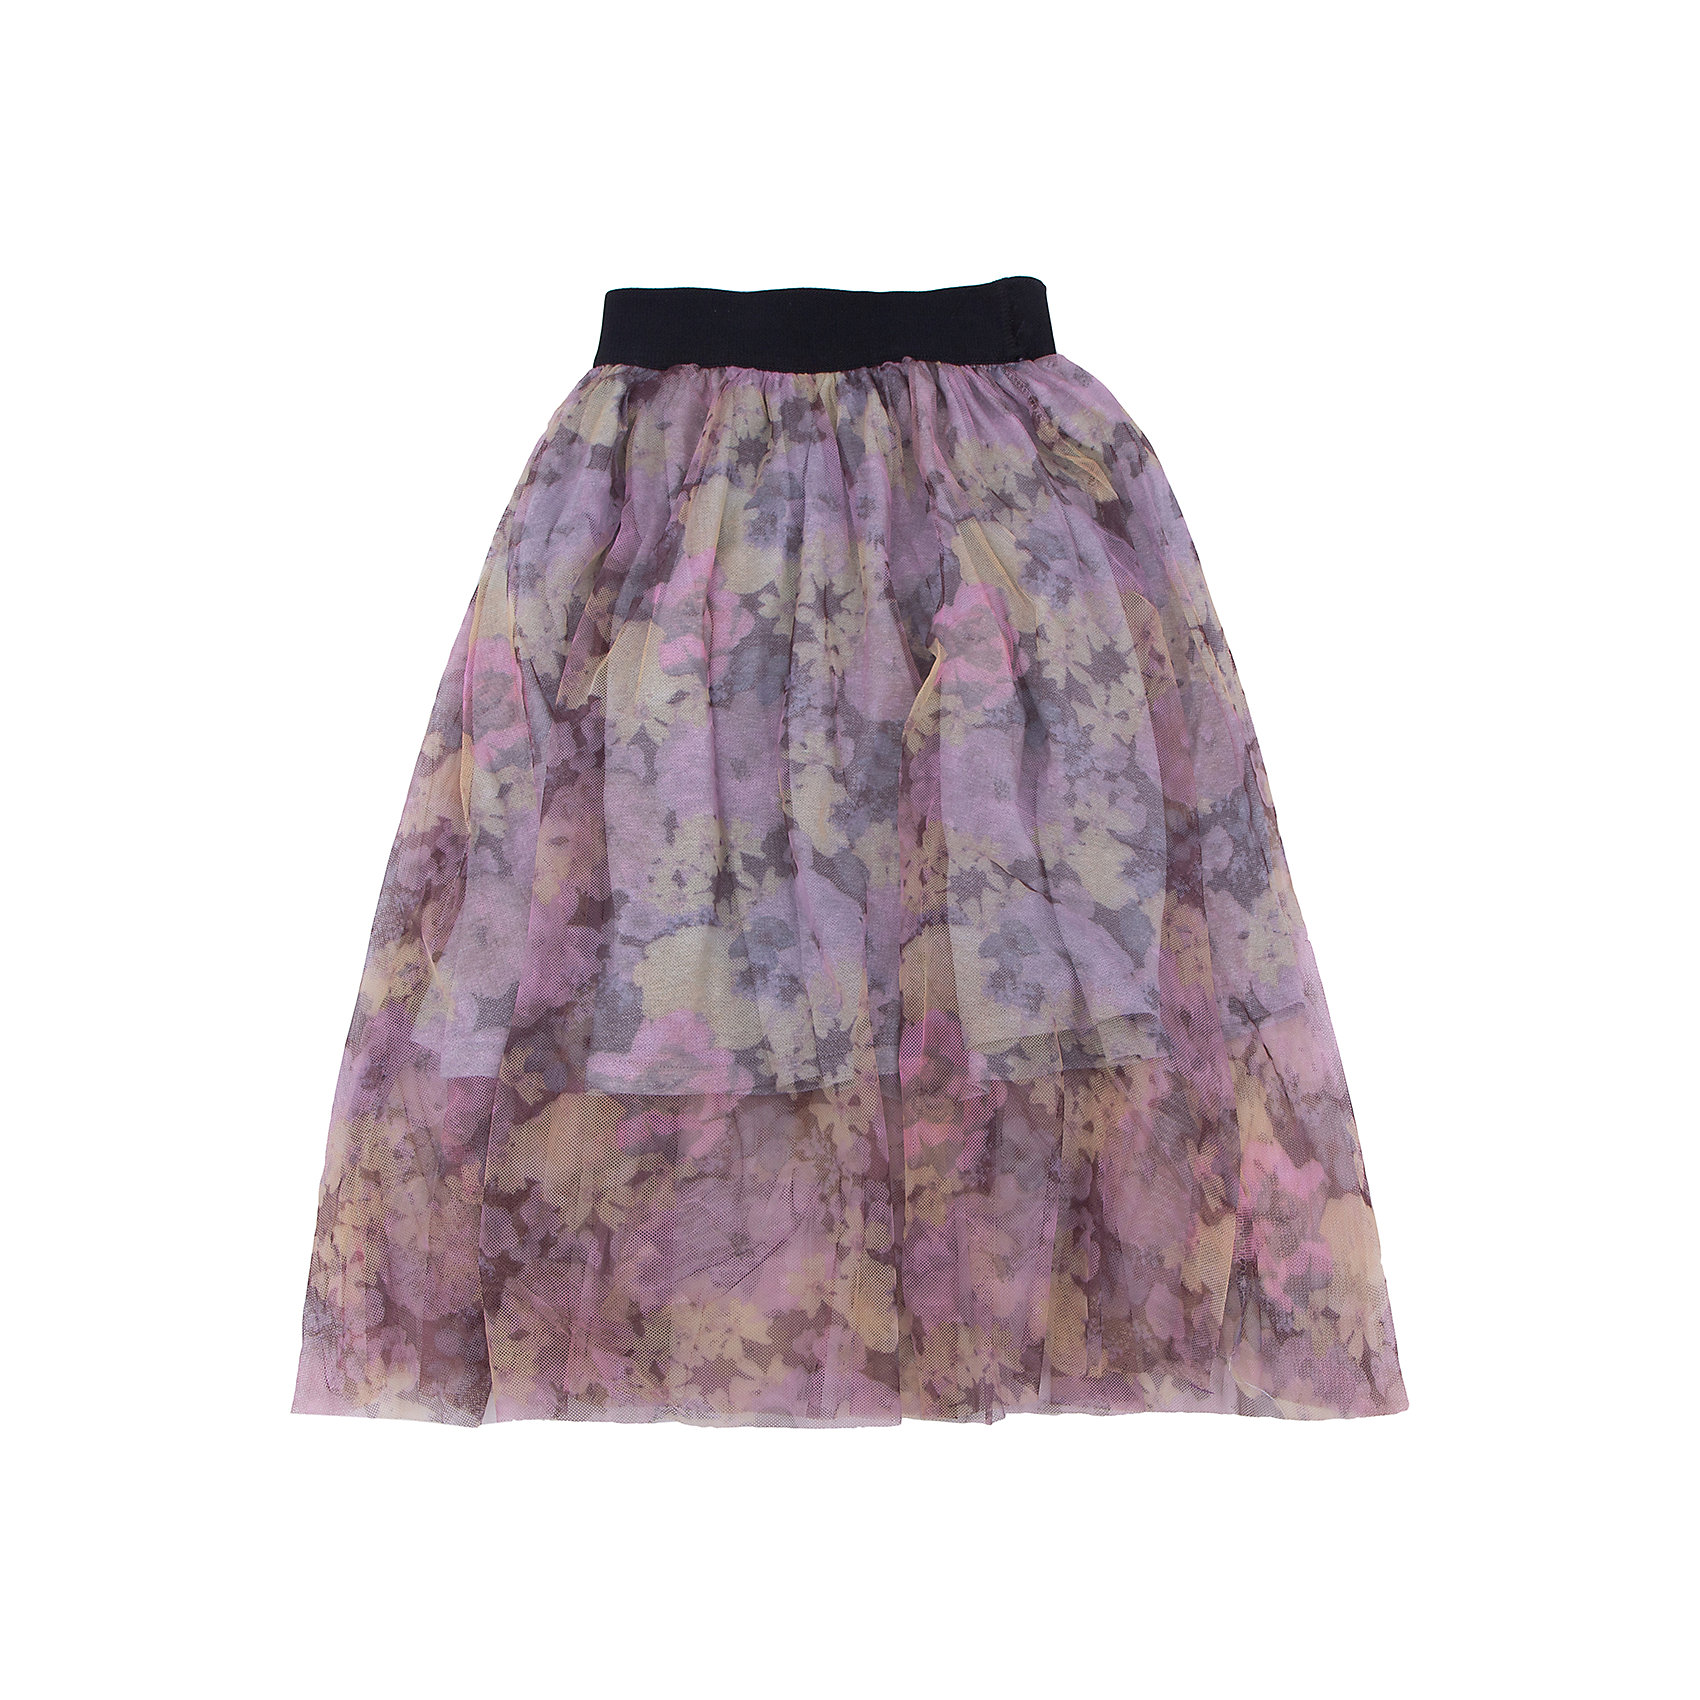 Юбка для девочки LuminosoЮбки<br>Характеристики товара:<br><br>- цвет: розовый;<br>- материал: верх - 100% полиэстер, низ - 95% хлопок, 5%эластан;<br>- декорирована принтом;<br>- пояс - мягкая резинка;<br>- эффект 3D рисунка.<br><br>Стильная одежда от бренда Luminoso (Люминосо), созданная при участии итальянских дизайнеров, учитывает потребности подростков и последние веяния моды. Она удобная и модная.<br>Эта легкая юбка выглядит стильно и нарядно, но при этом подходит для ежедневного ношения. Он хорошо сидит на ребенке, обеспечивает комфорт и отлично сочетается с одежной разных стилей. Модель отличается высоким качеством материала и продуманным дизайном. Натуральный хлопок в составе изделия делает его дышащим, приятным на ощупь и гипоаллергеным.<br><br>Юбку для девочки от бренда Luminoso (Люминосо) можно купить в нашем интернет-магазине.<br><br>Ширина мм: 207<br>Глубина мм: 10<br>Высота мм: 189<br>Вес г: 183<br>Цвет: розовый<br>Возраст от месяцев: 156<br>Возраст до месяцев: 168<br>Пол: Женский<br>Возраст: Детский<br>Размер: 164,134,140,146,152,158<br>SKU: 4929668